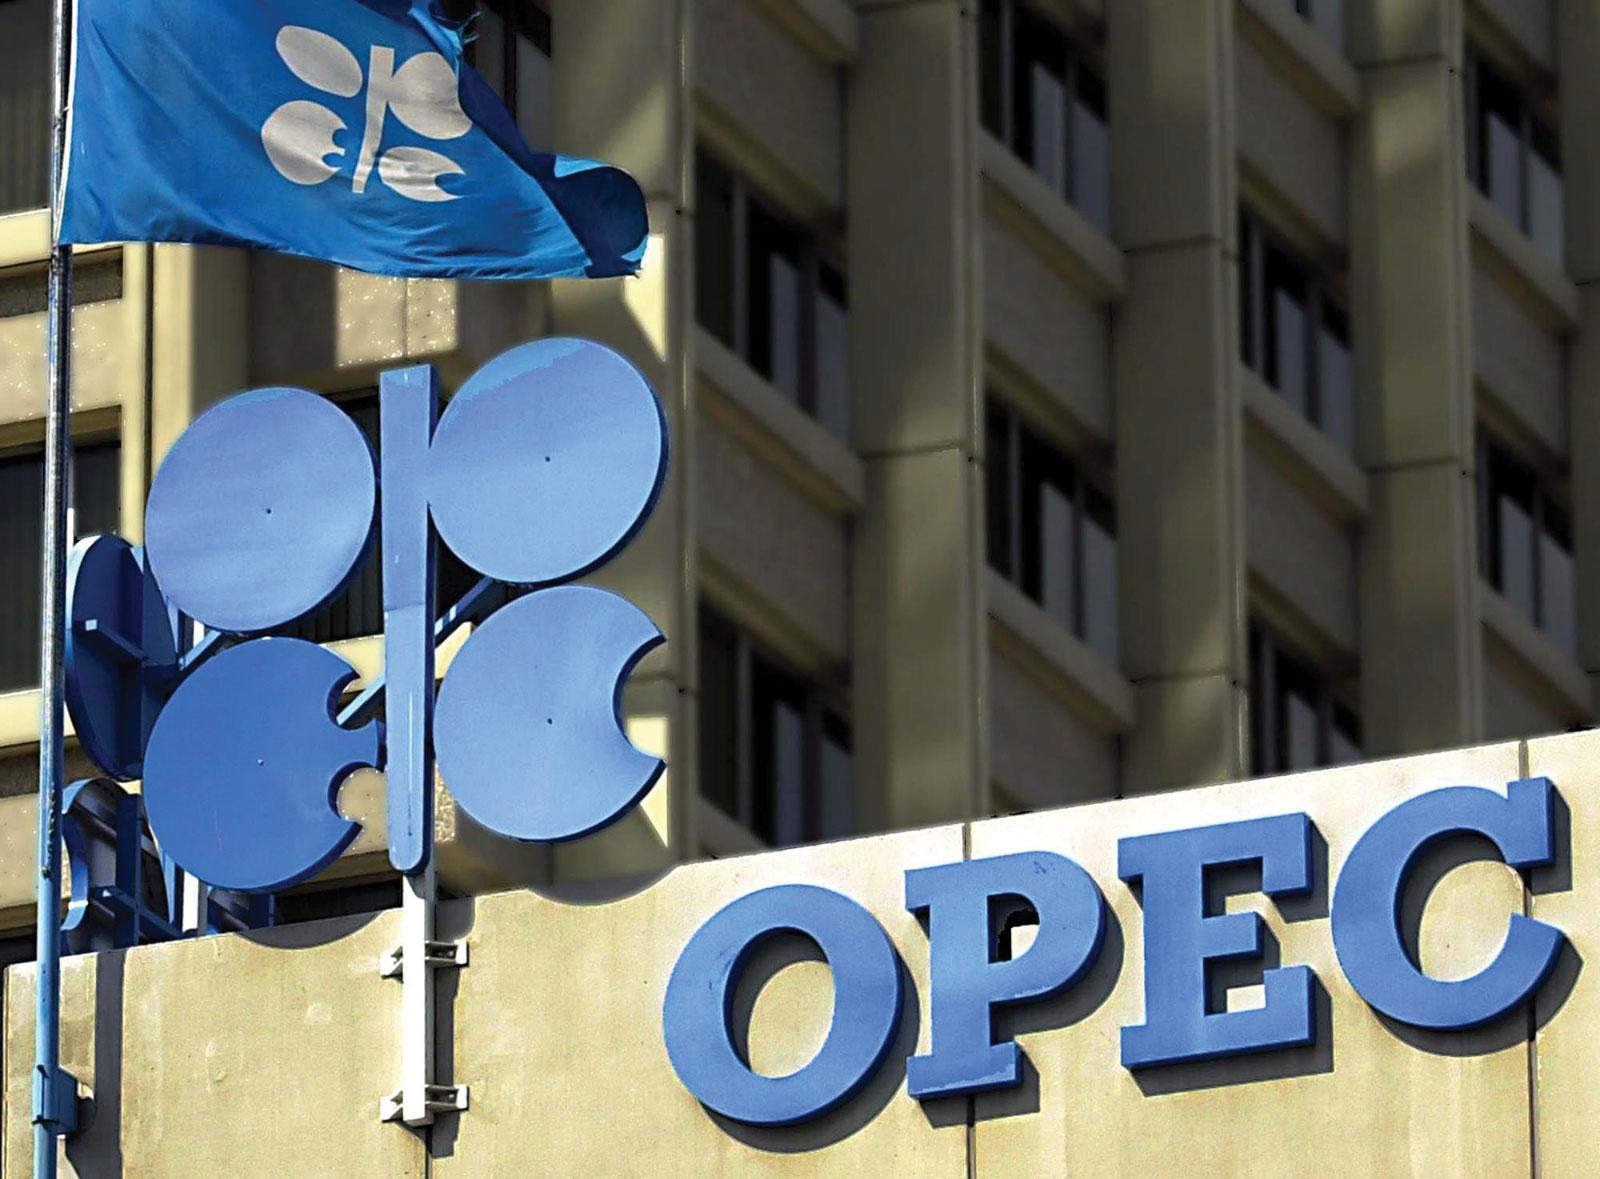 أسعار النفط تواصل ارتفاعها بعد اتفاق أوبك المفاجئ